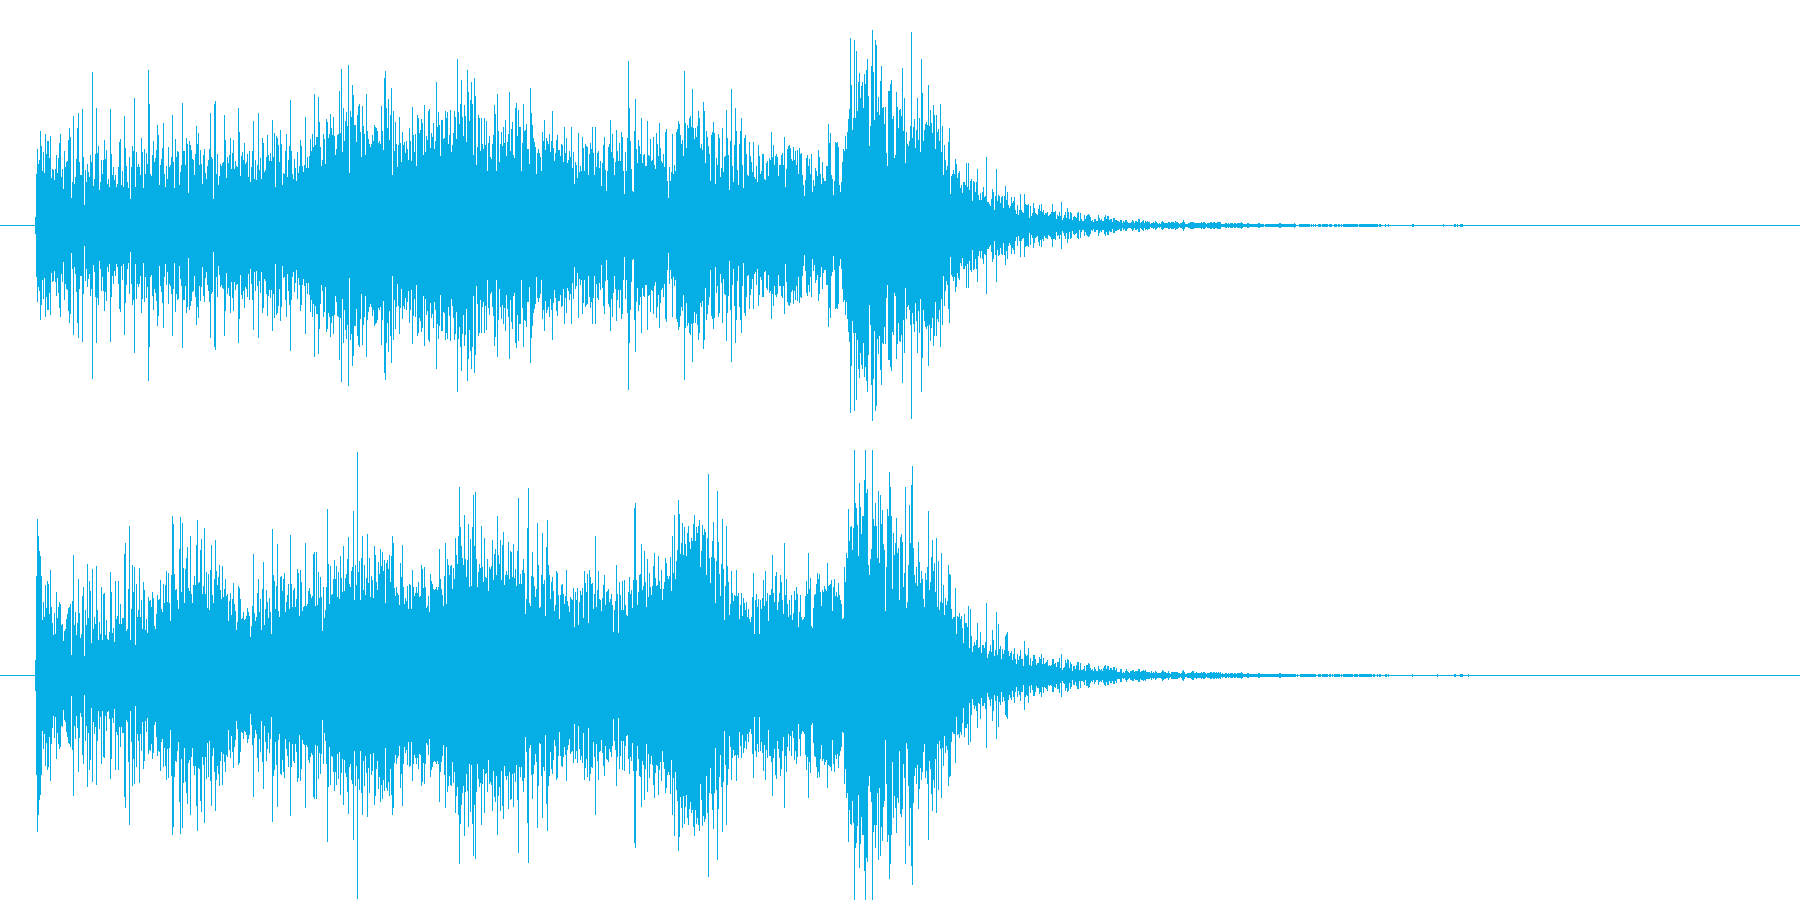 吹奏楽ゲームレベルアップファンファーレの再生済みの波形